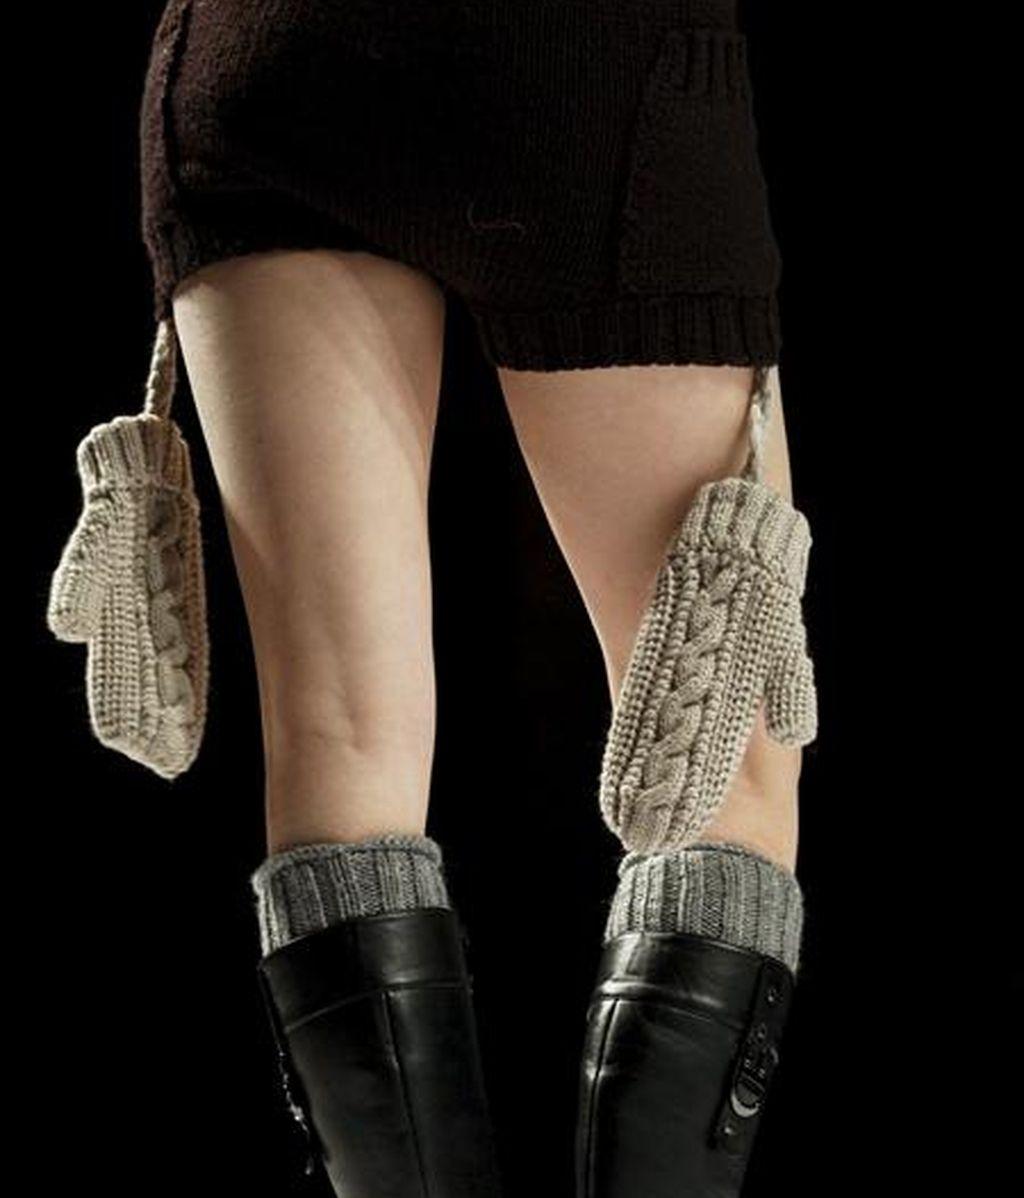 Una modelo luce un diseño en el concurso Wiseman China Knitwear que se realiza en el marco de la XII edición de la Semana de la Moda de China, en Pekín. EFE